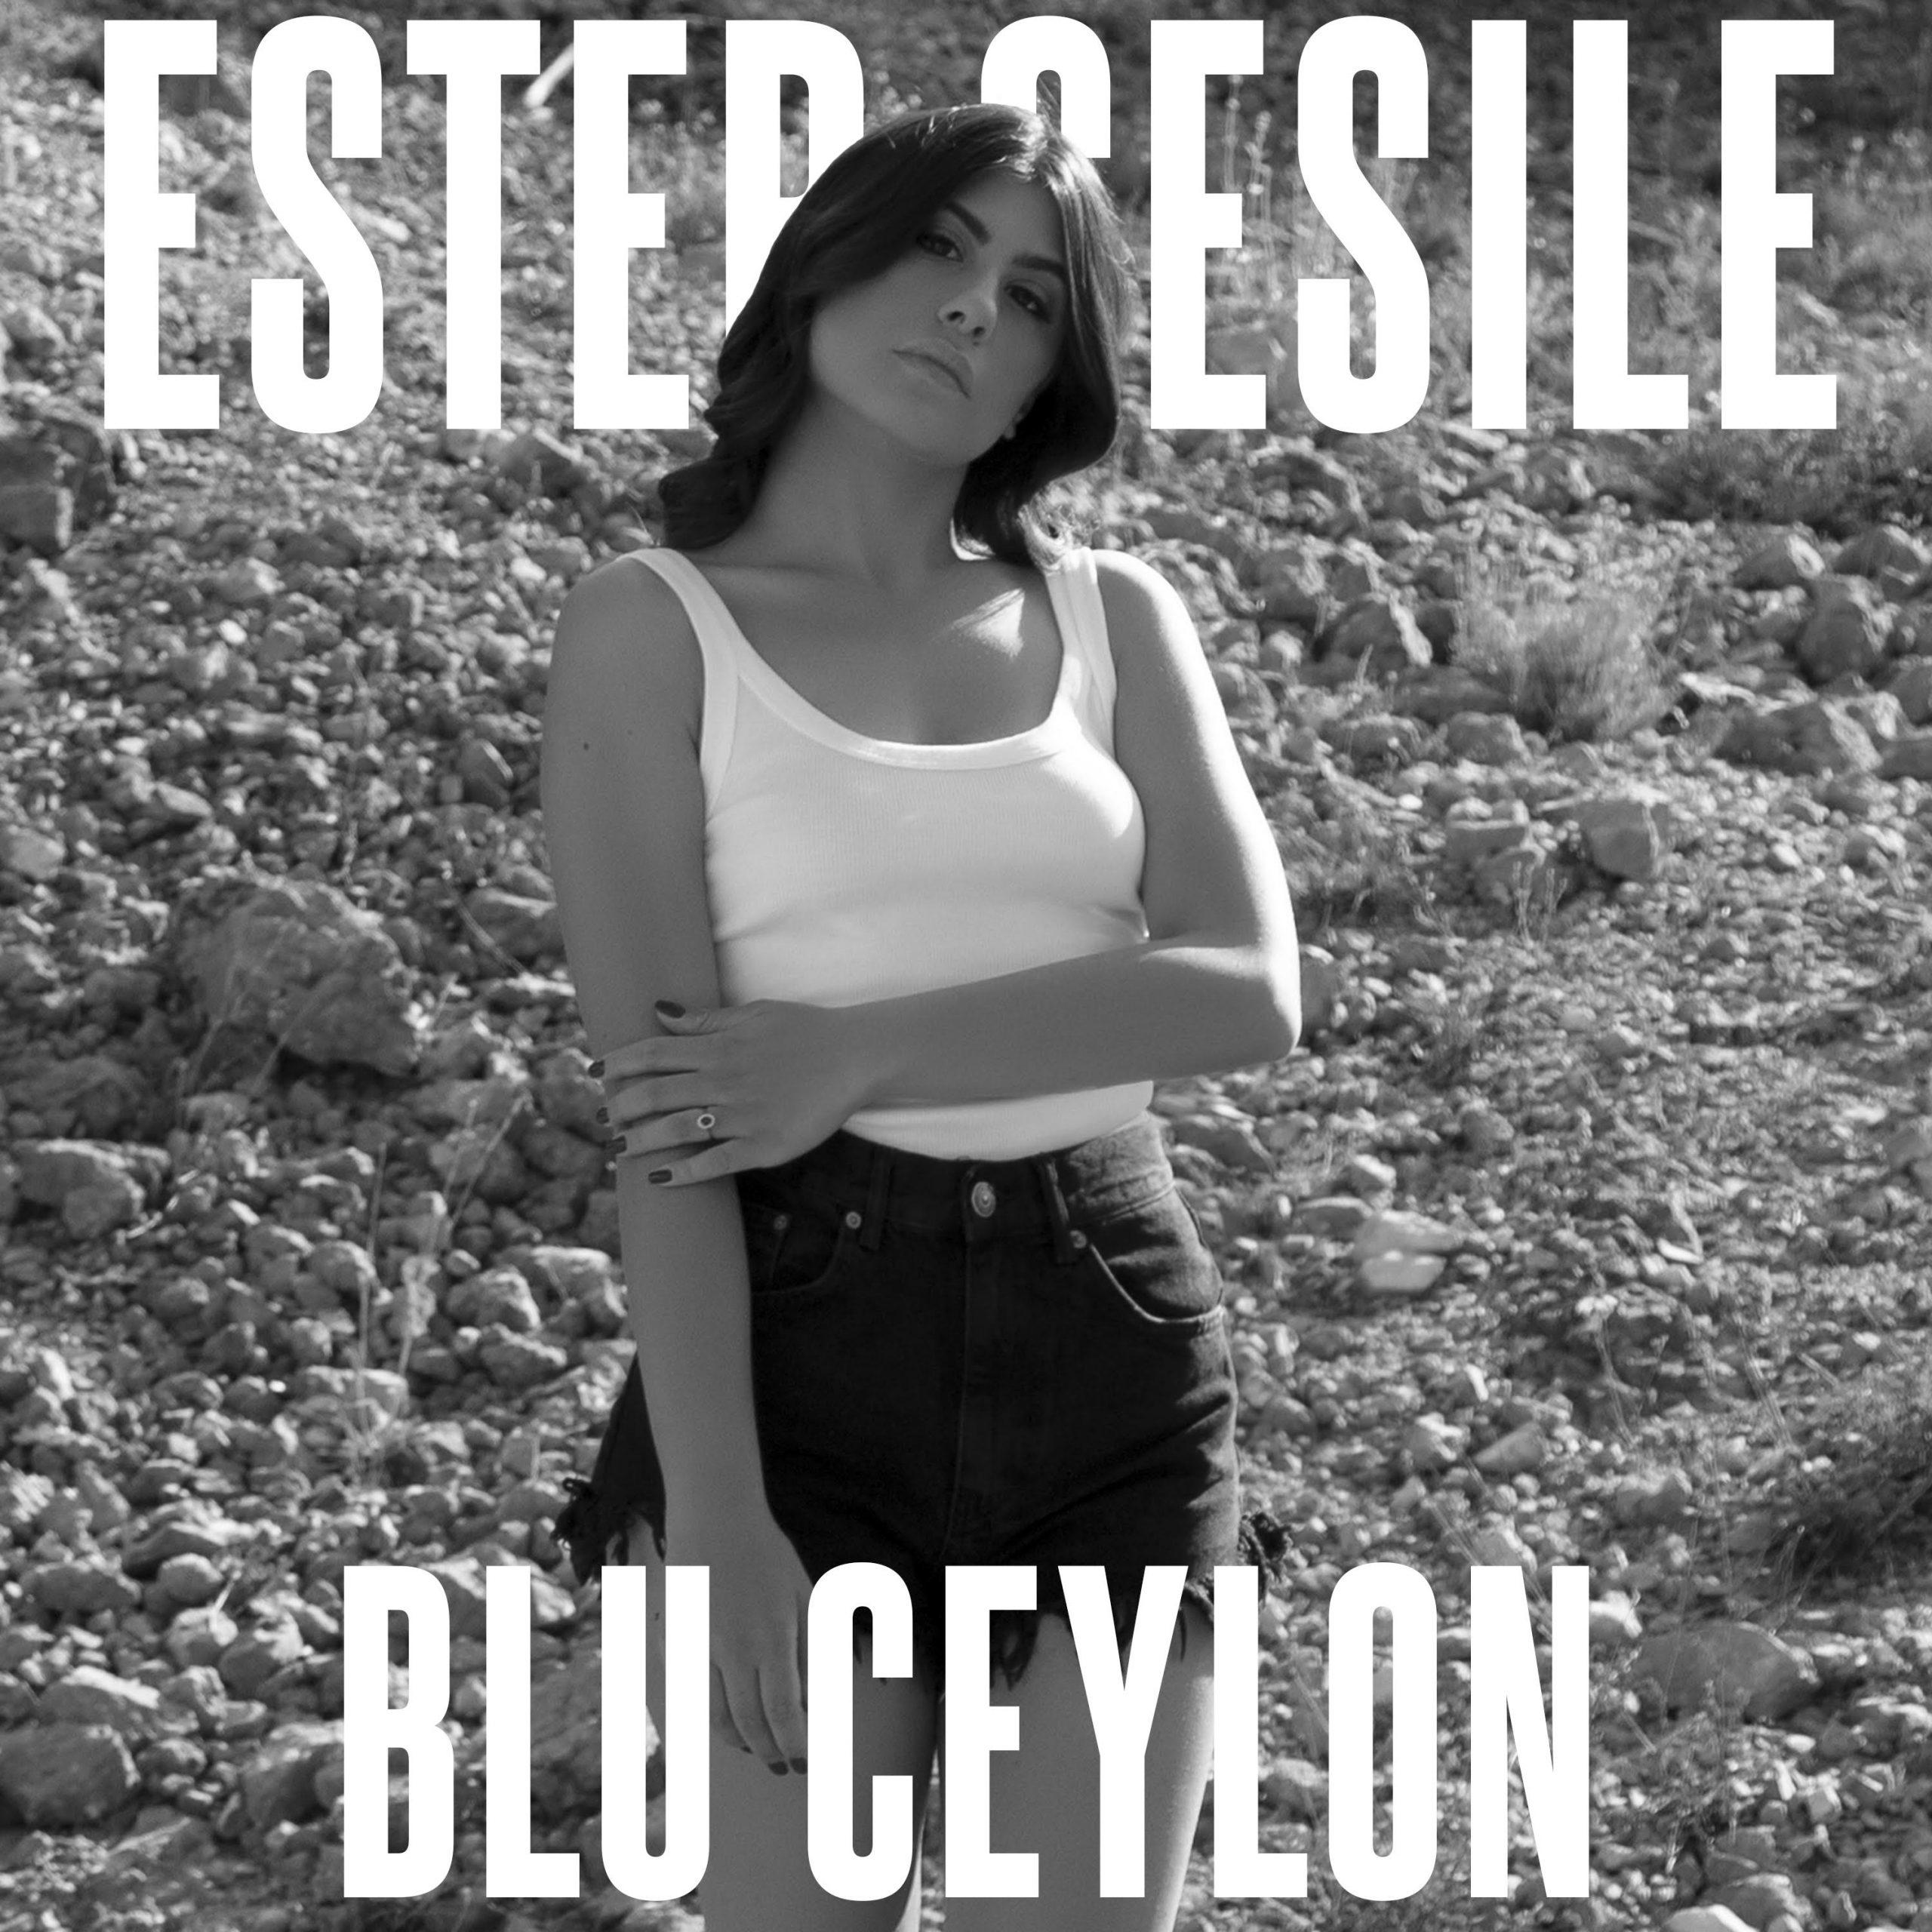 Ester Cesile